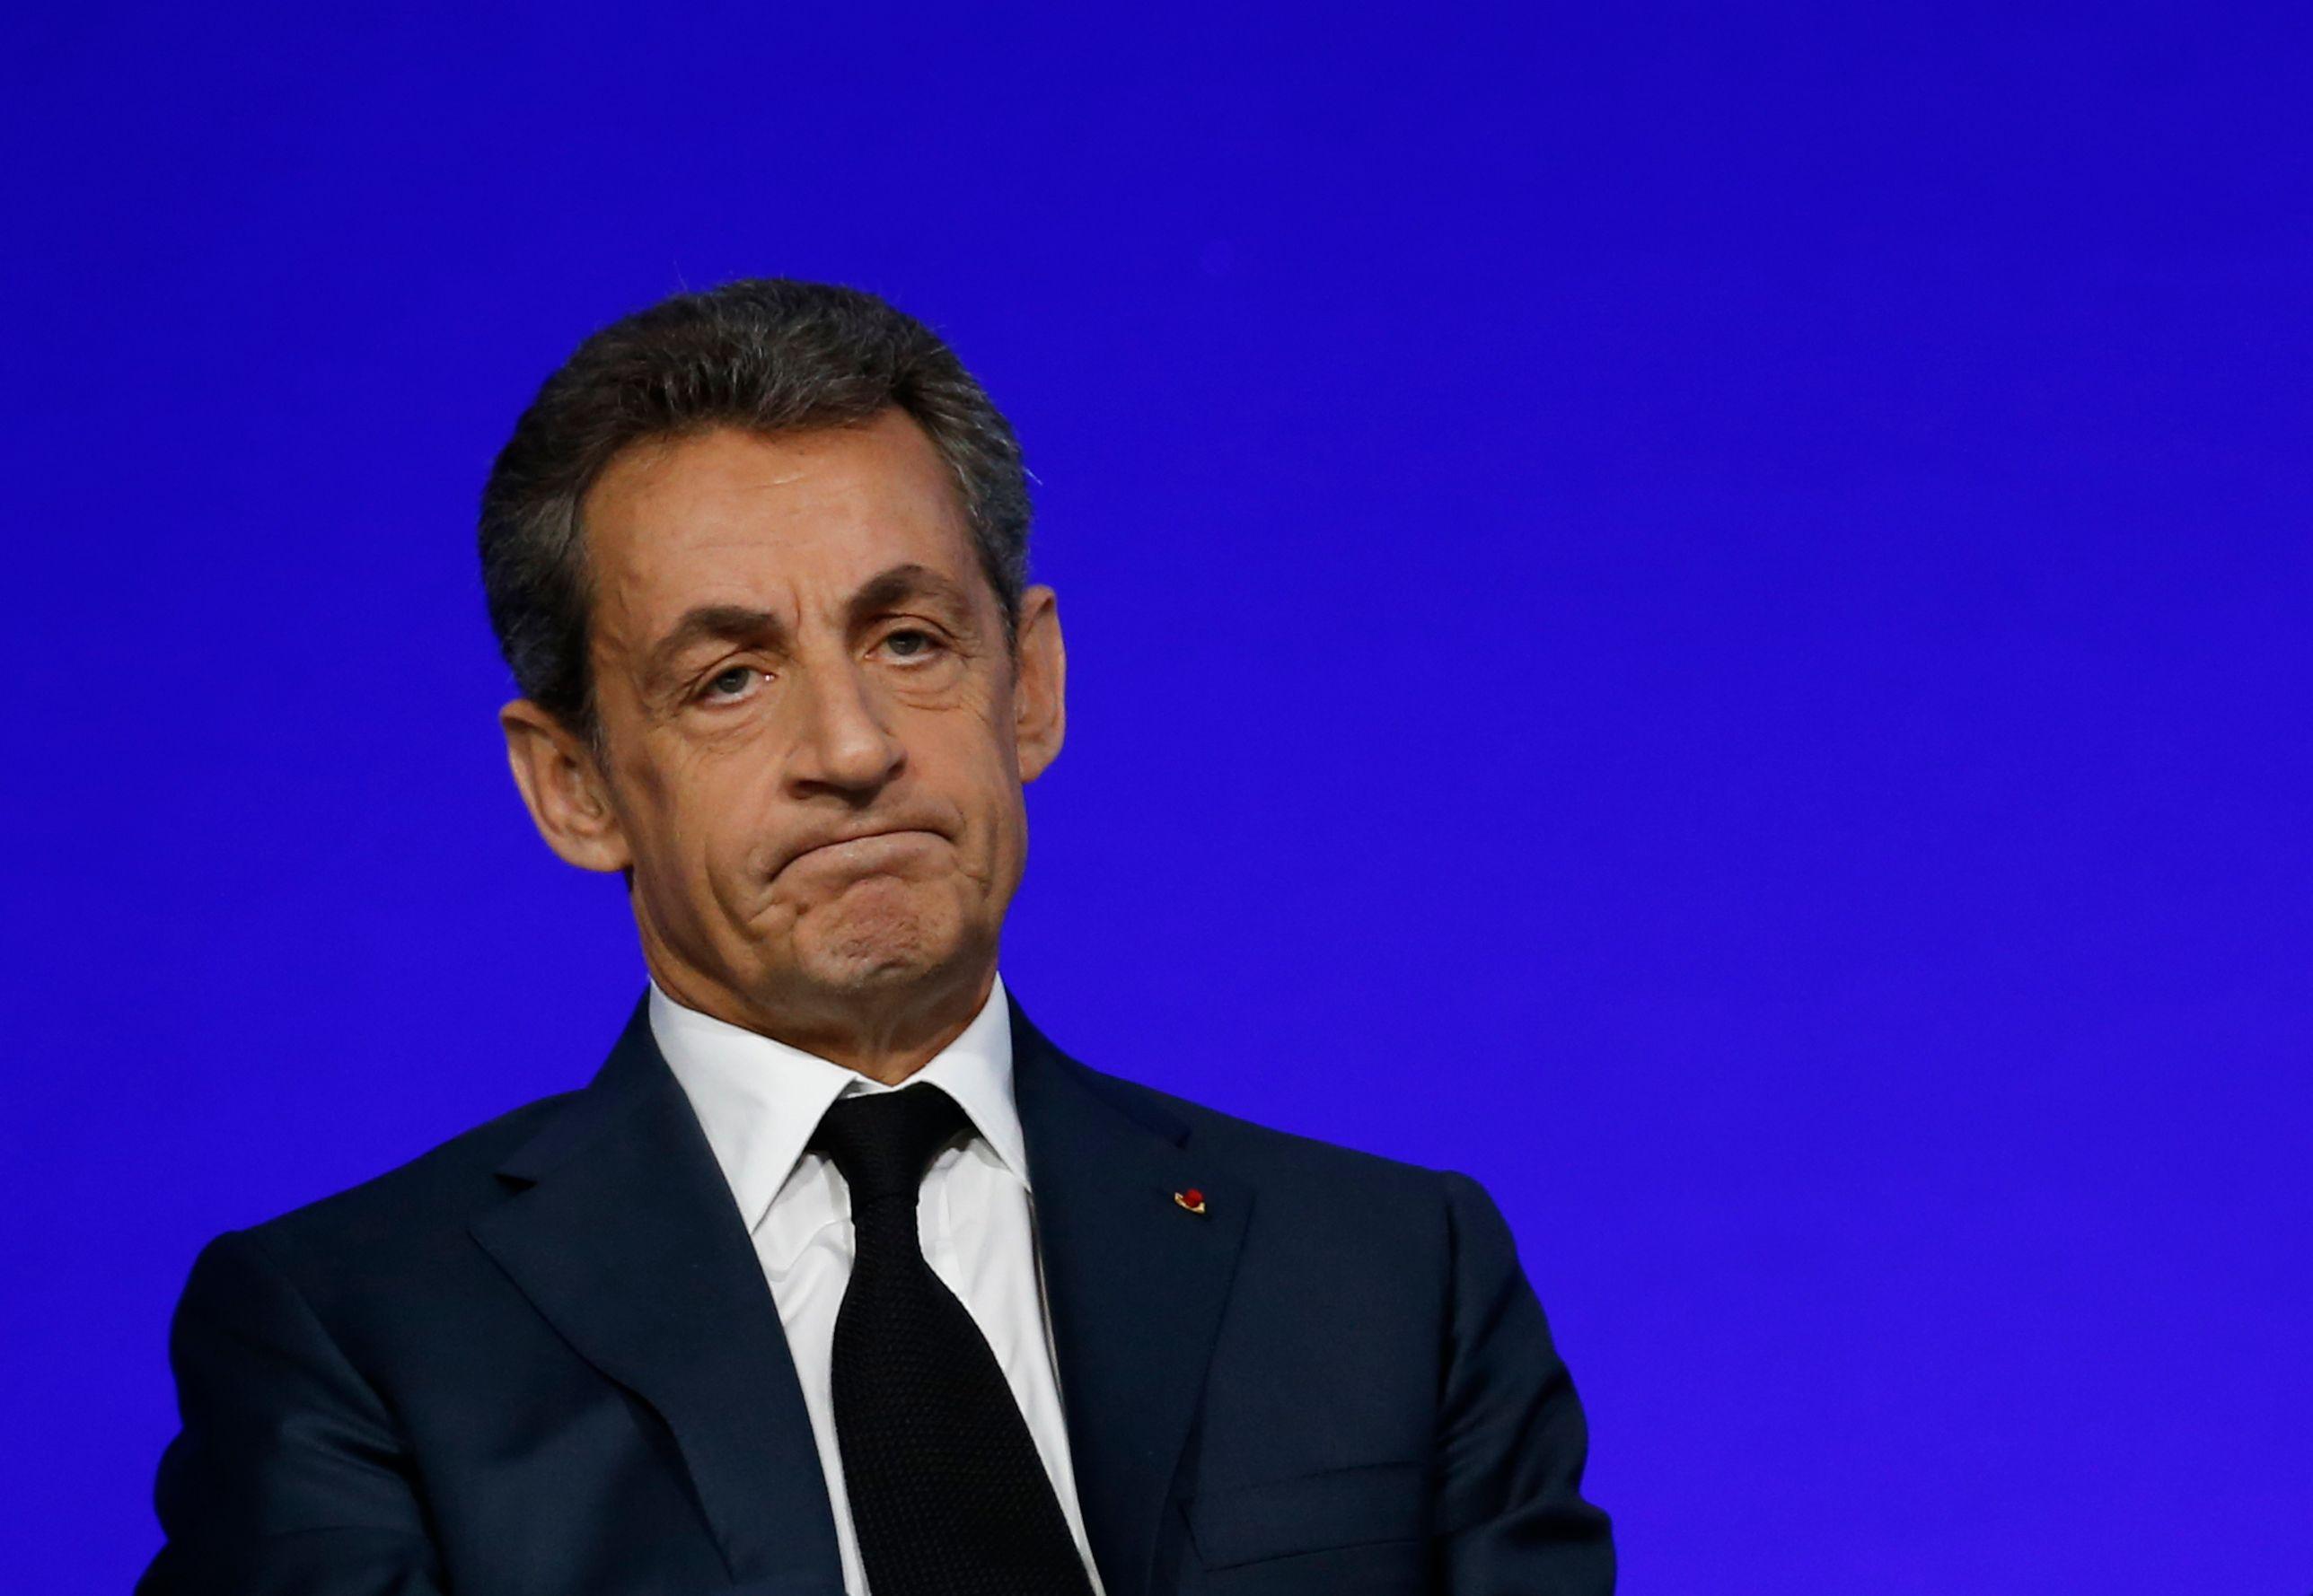 Dégradation de l'image de Nicolas Sarkozy : 61% des Français considèrent qu'il les inquiète et 58% qu'il les met en colère